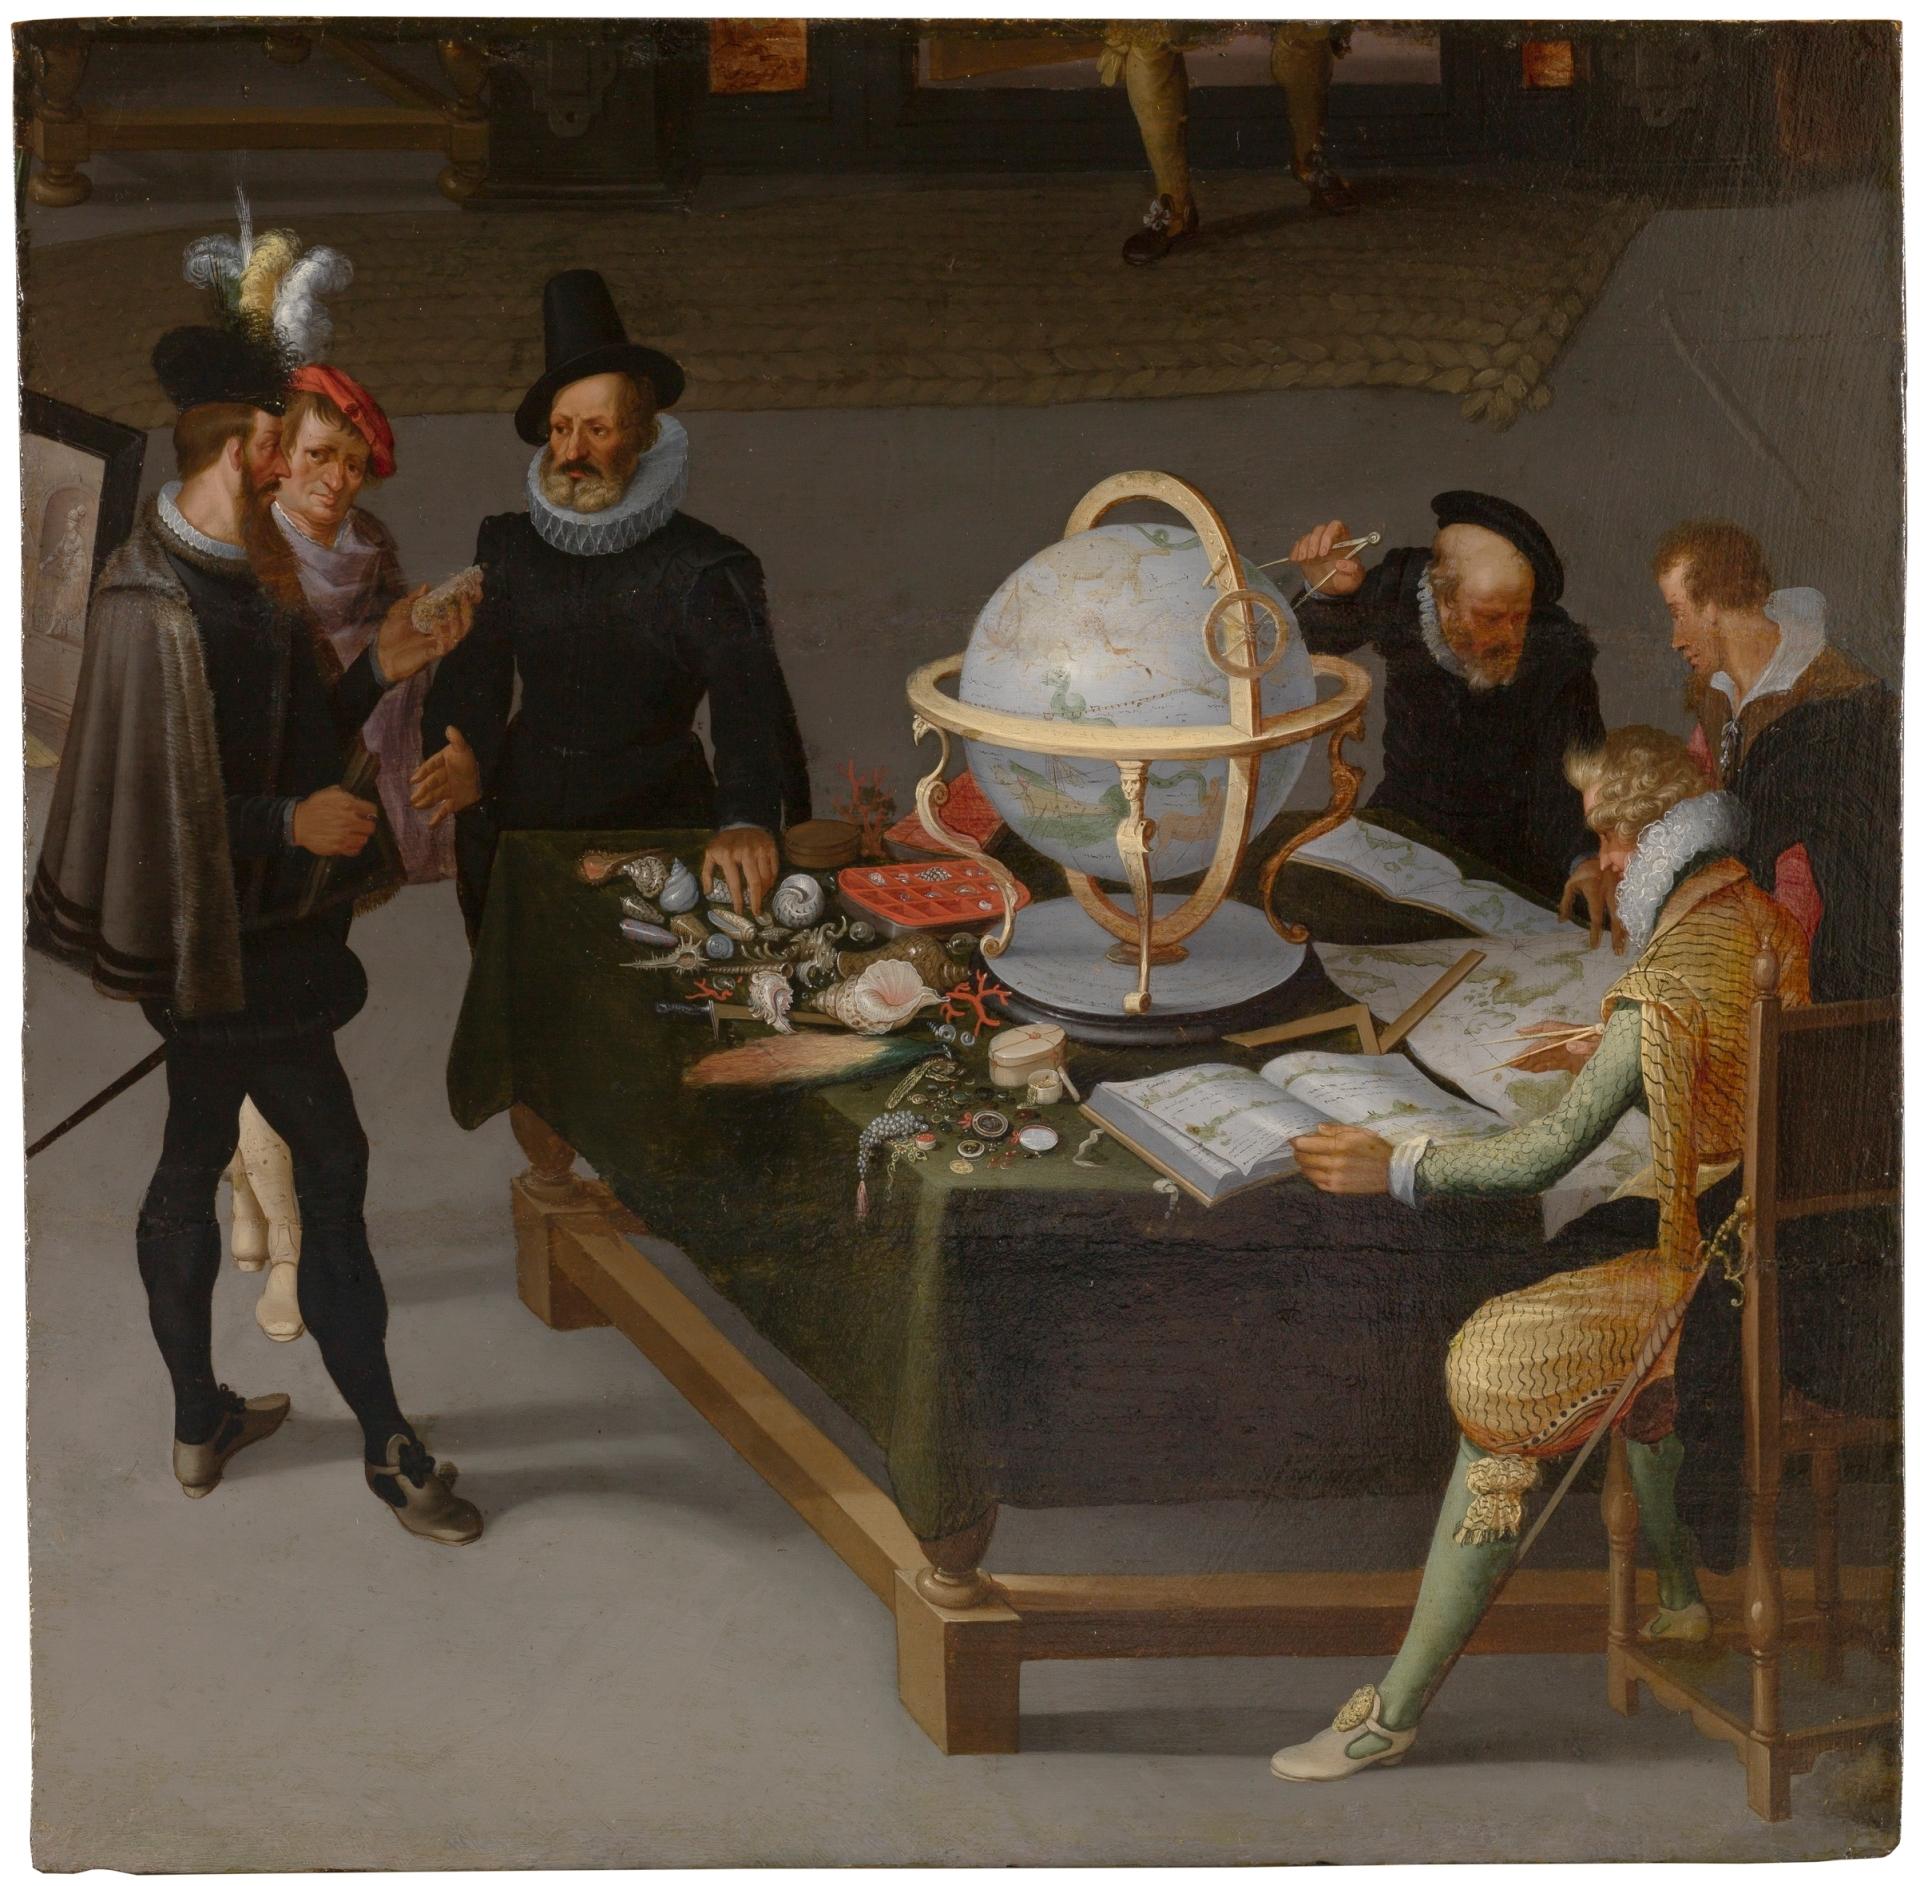 Los Objetos Hablan Colecciones Del Museo Del Prado Exposici N  # Muebles Tiziano Santa Cruz